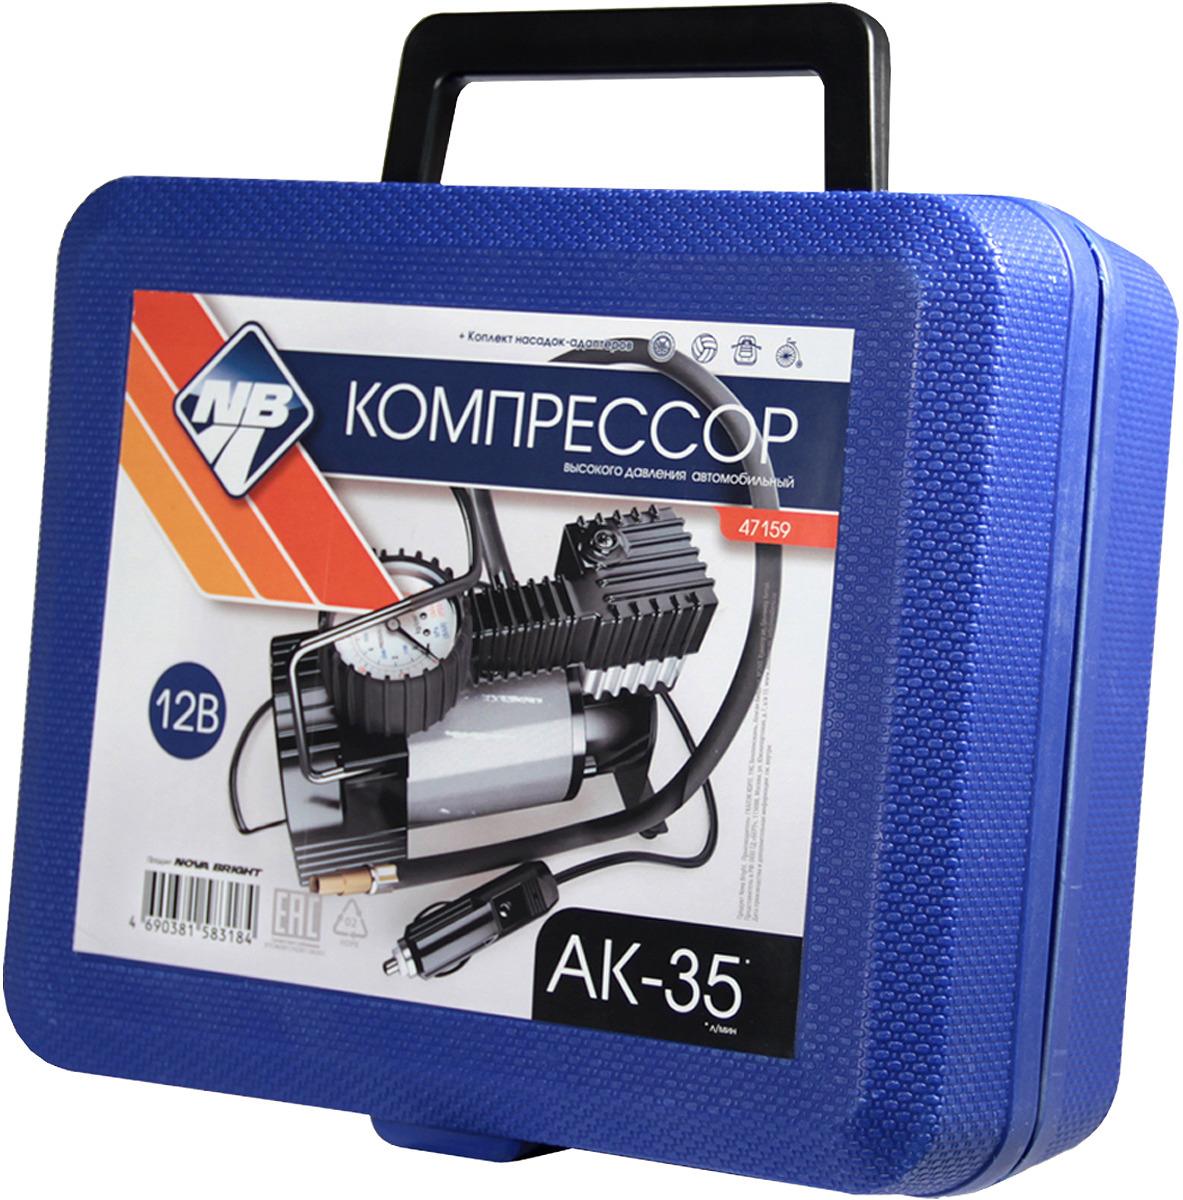 Автомобильный компрессор Nova Bright, 47159, до 35 л/мин., 140 PSI, 12В компрессор воздушный barbus sb 248a с регулятором 1 канал 3 5 л мин